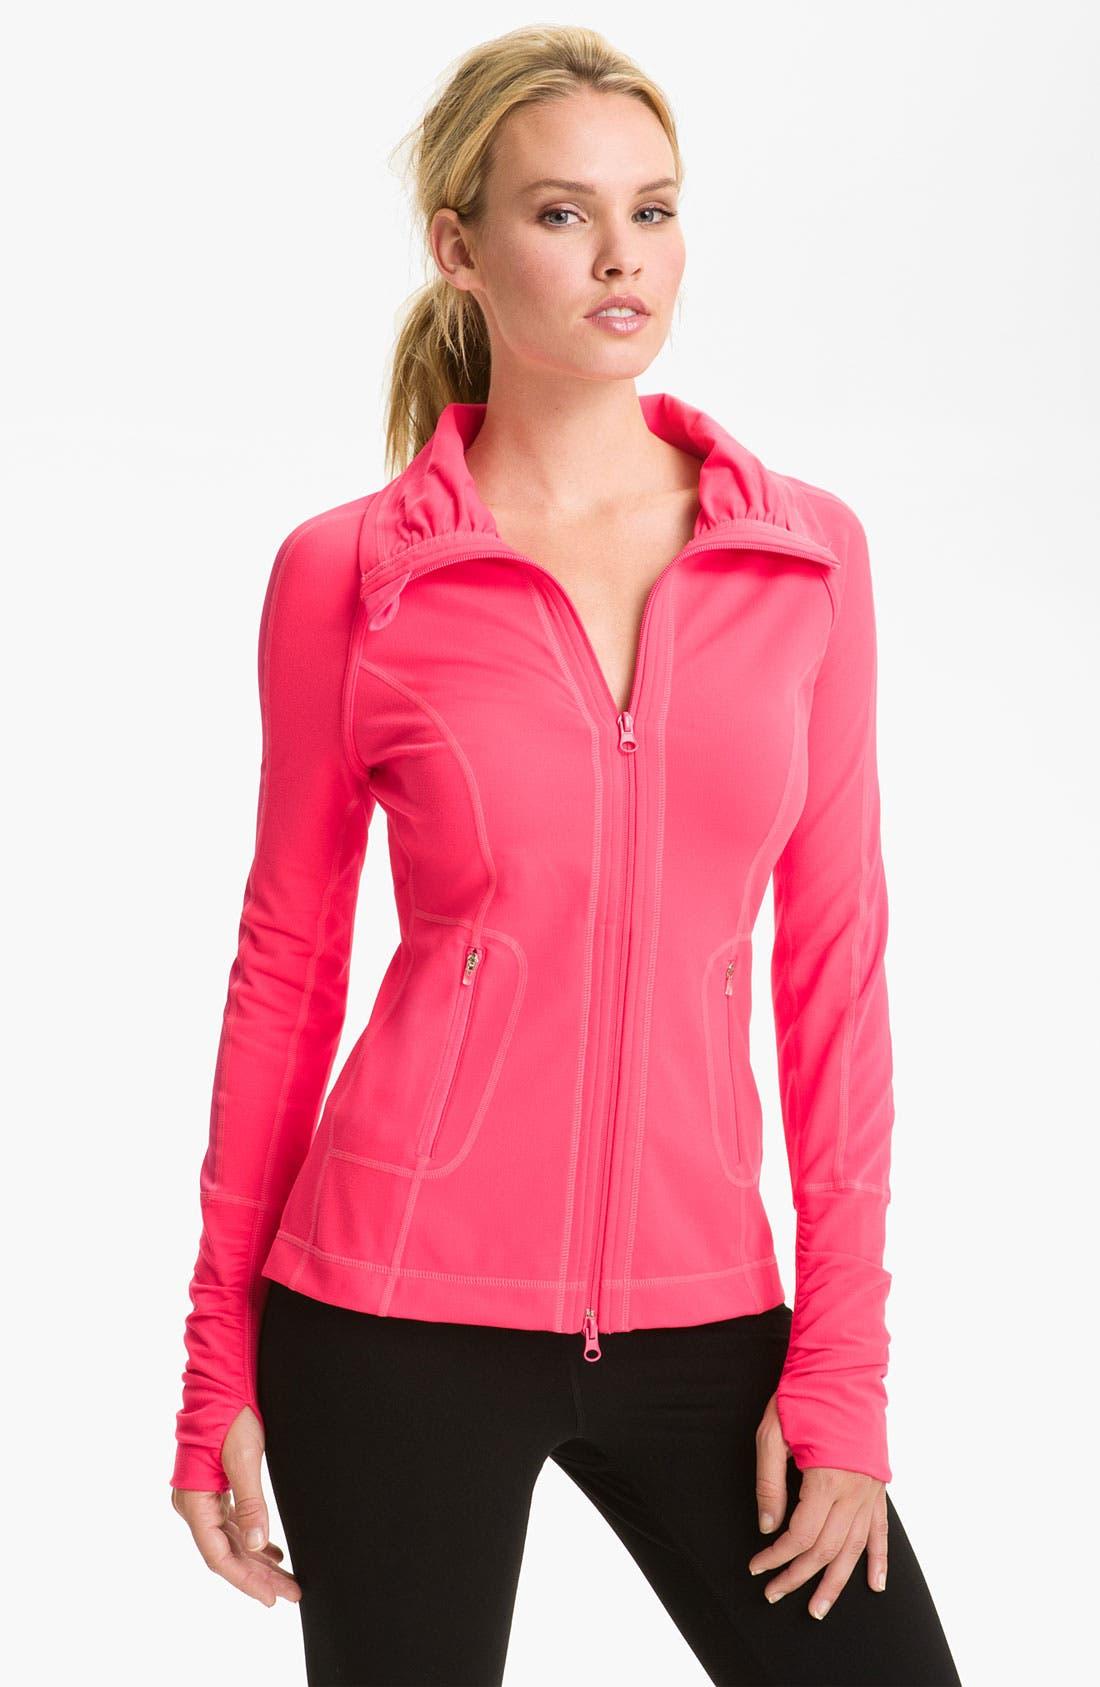 Alternate Image 1 Selected - Zella 'Glam' Jacket